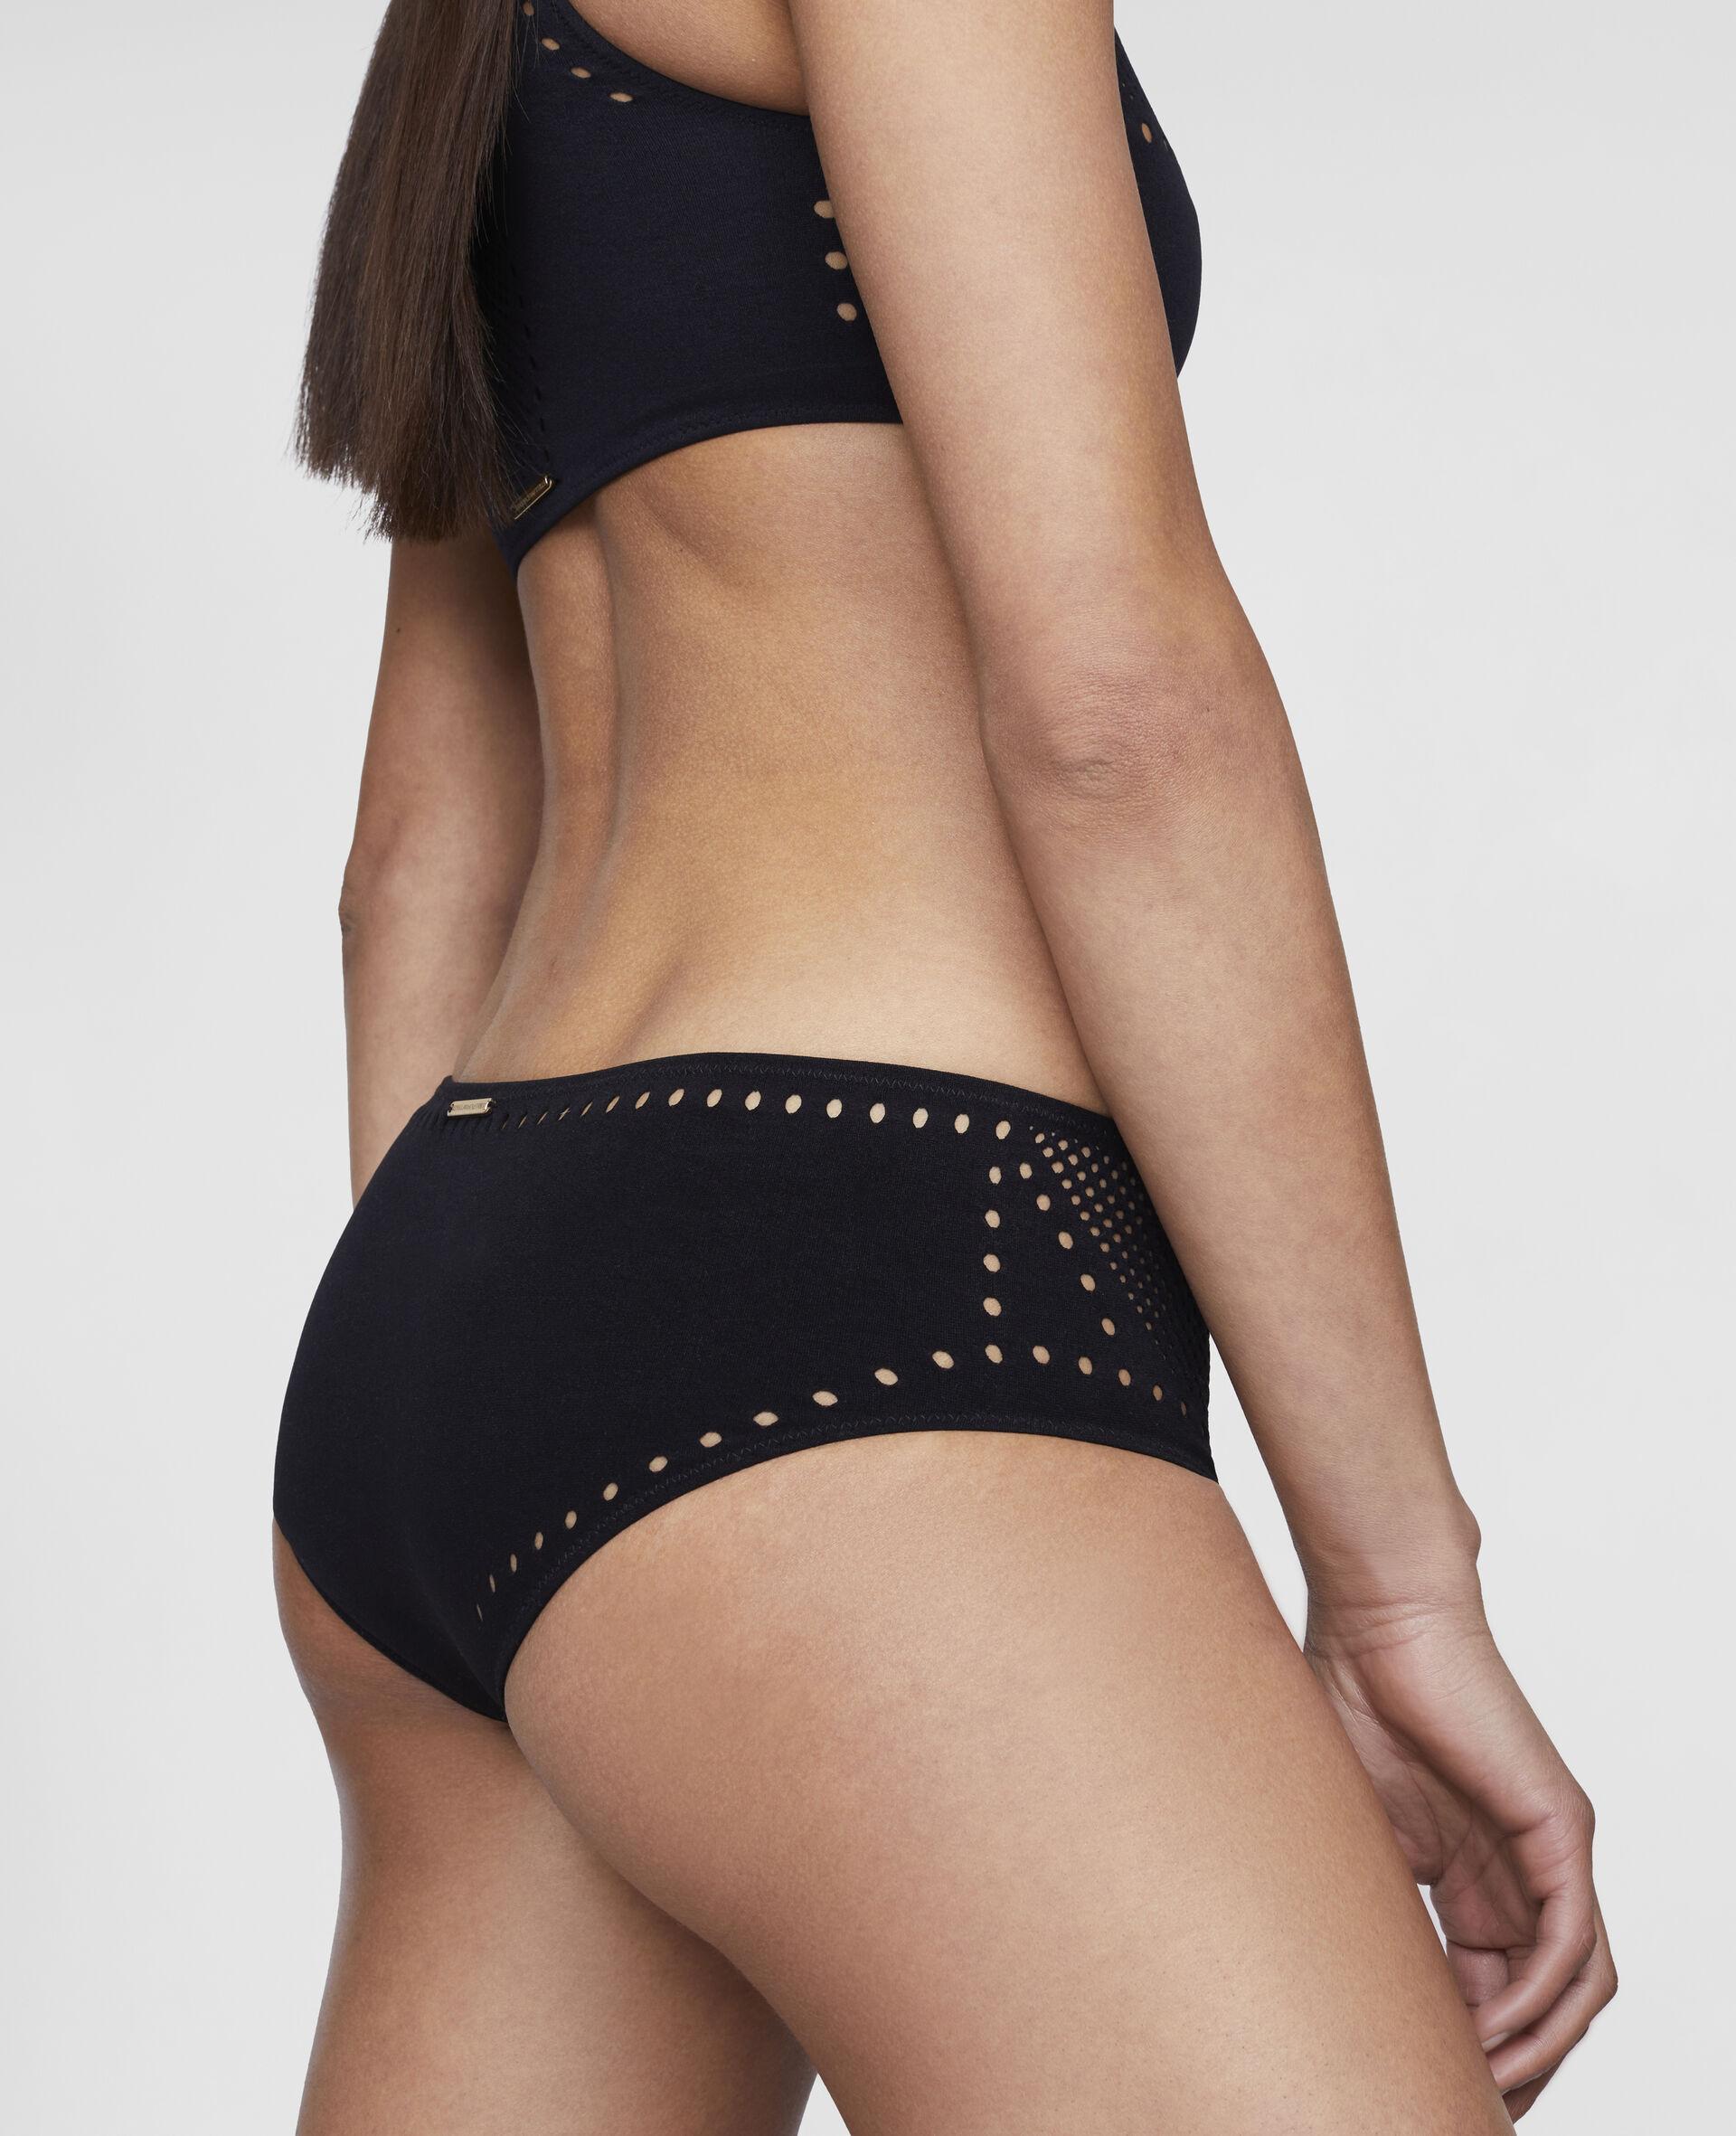 Stellawear Brief-Black-large image number 2